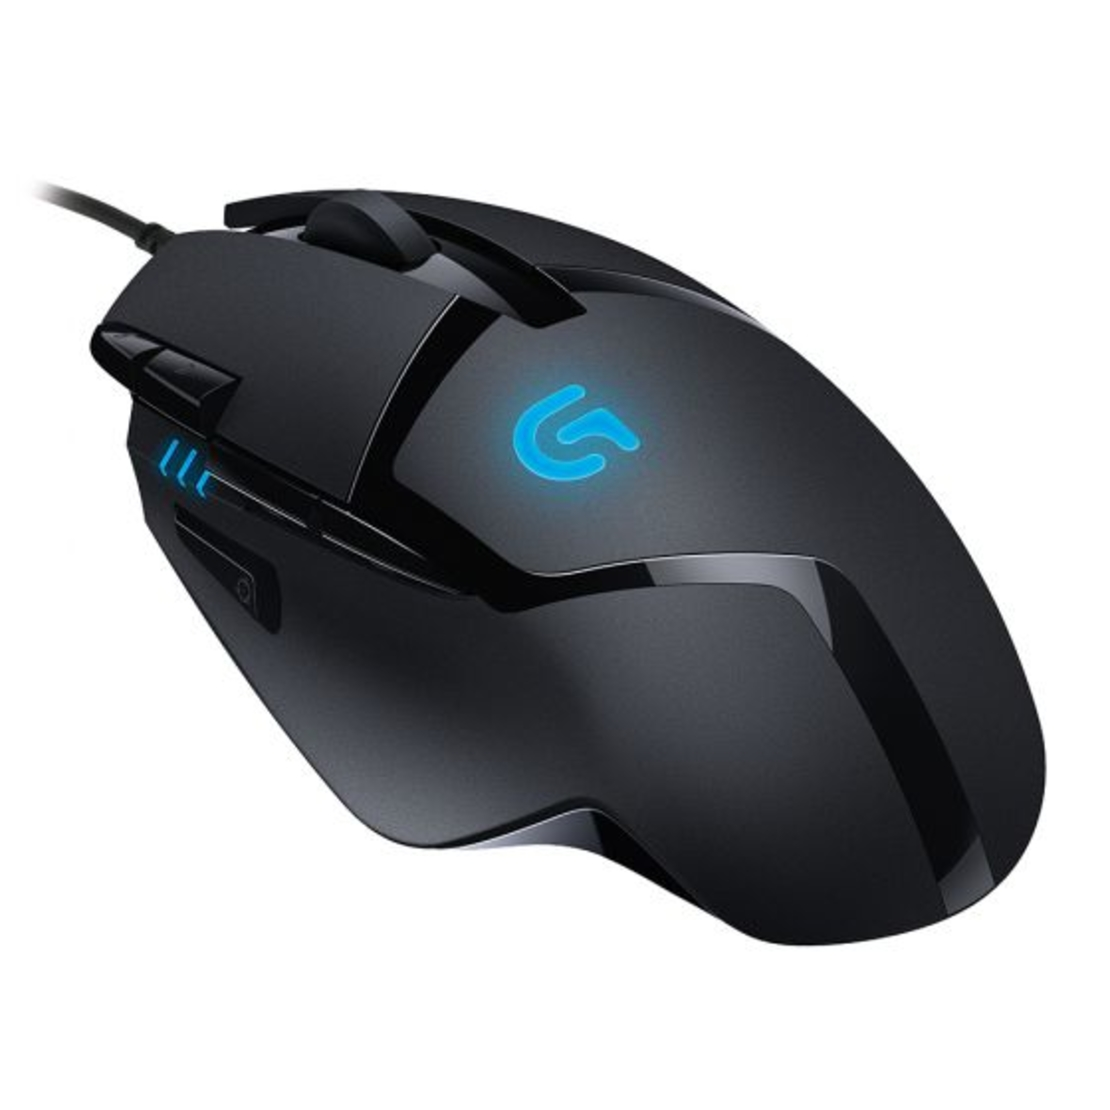 עכבר גיימרים Logitech G402 Hyperion Fury Ultra-Fast FPS